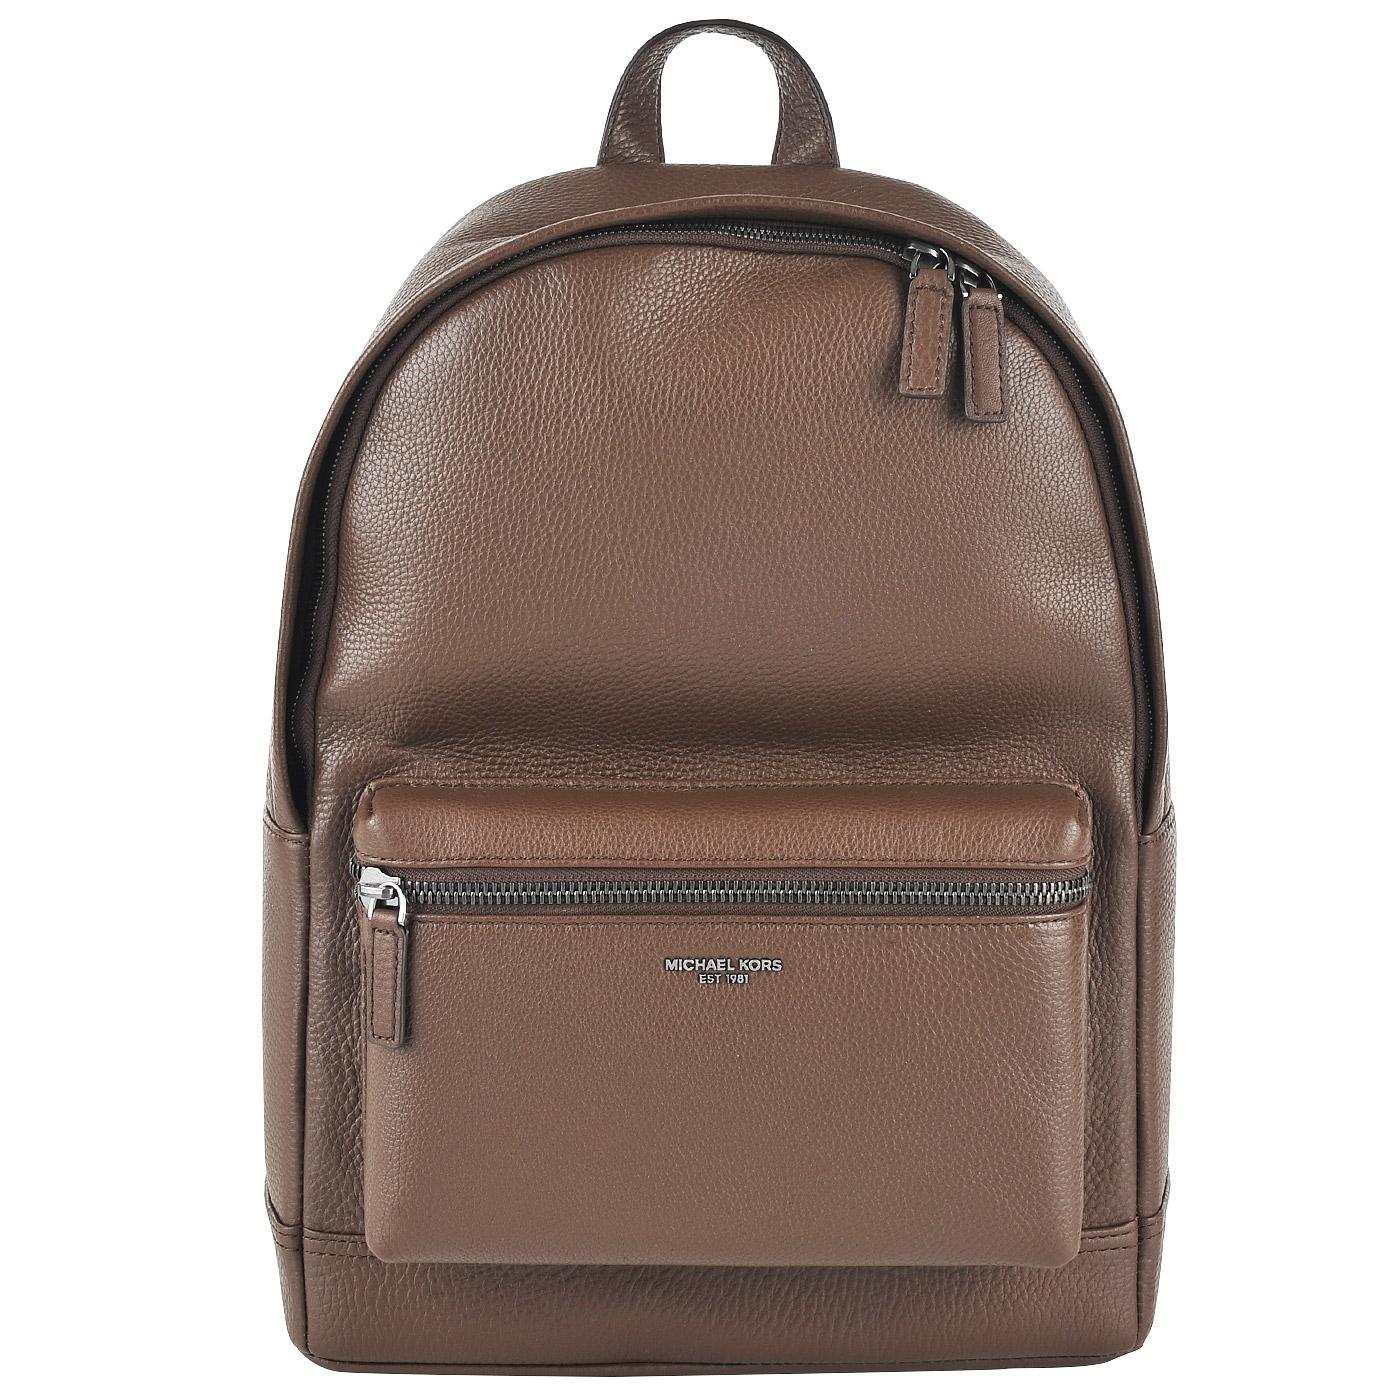 Коричневый кожаный рюкзак где купить рюкзак шанель подделку в воронеже